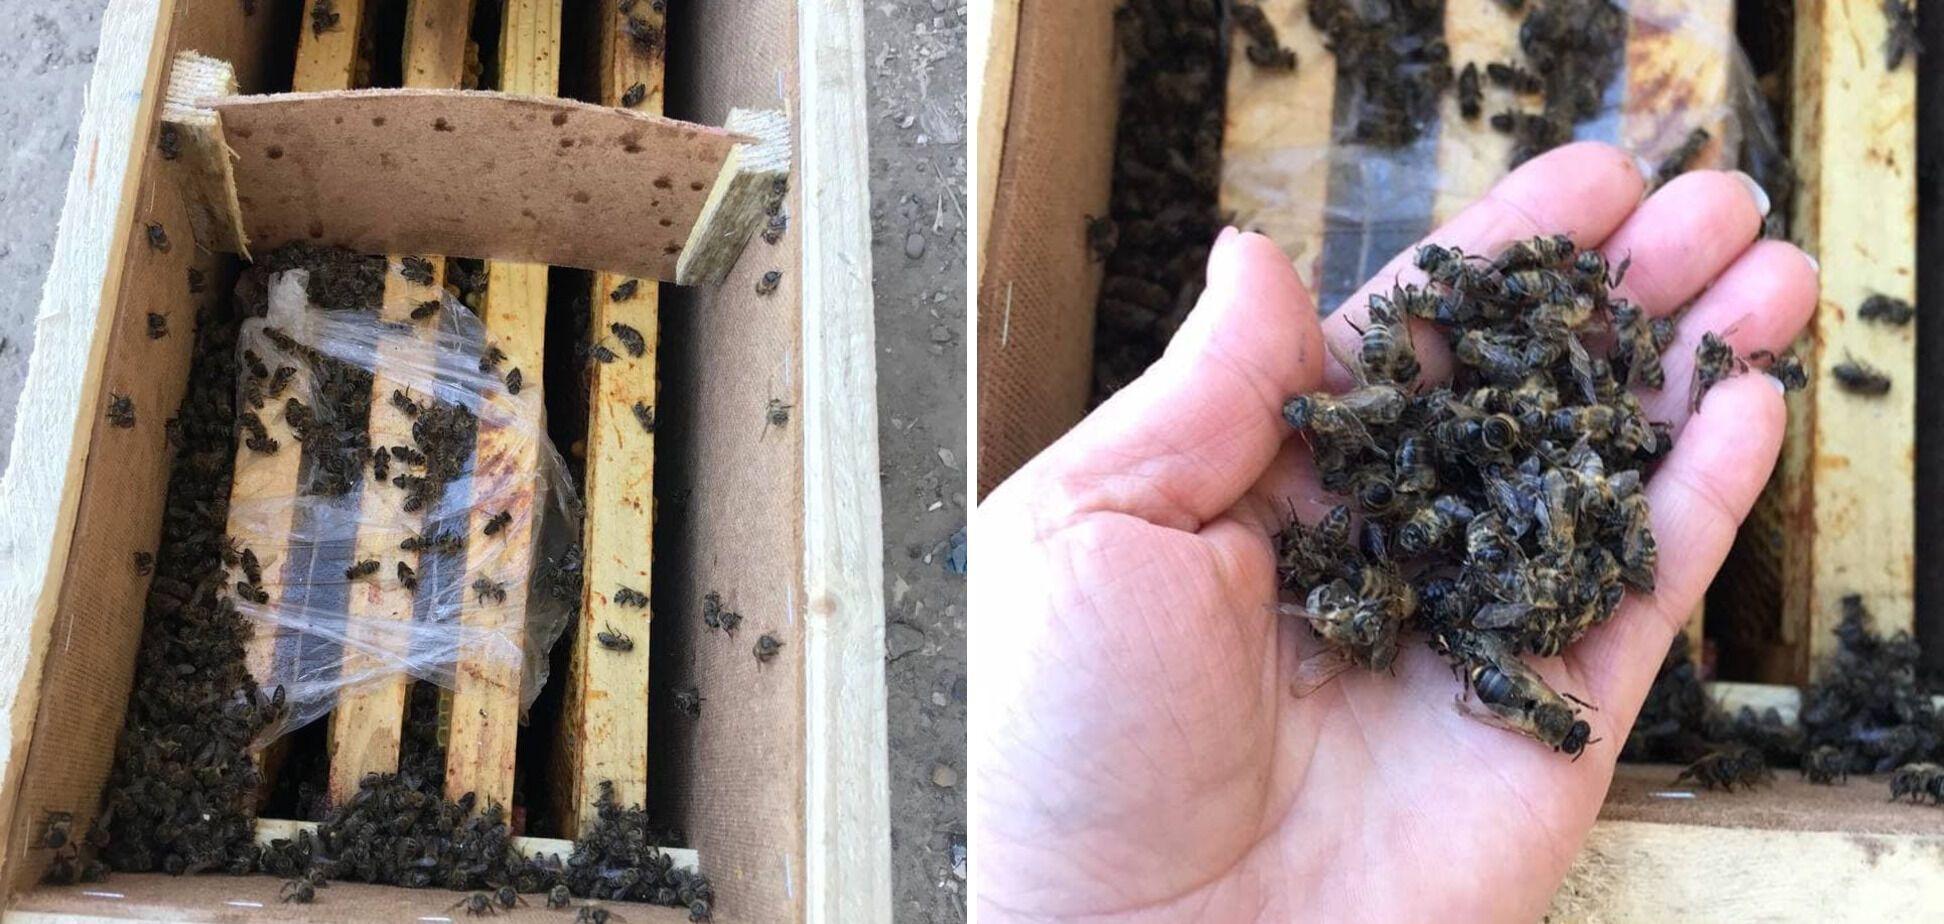 Пчеловоды понесли убытки на 500 тыс. грн